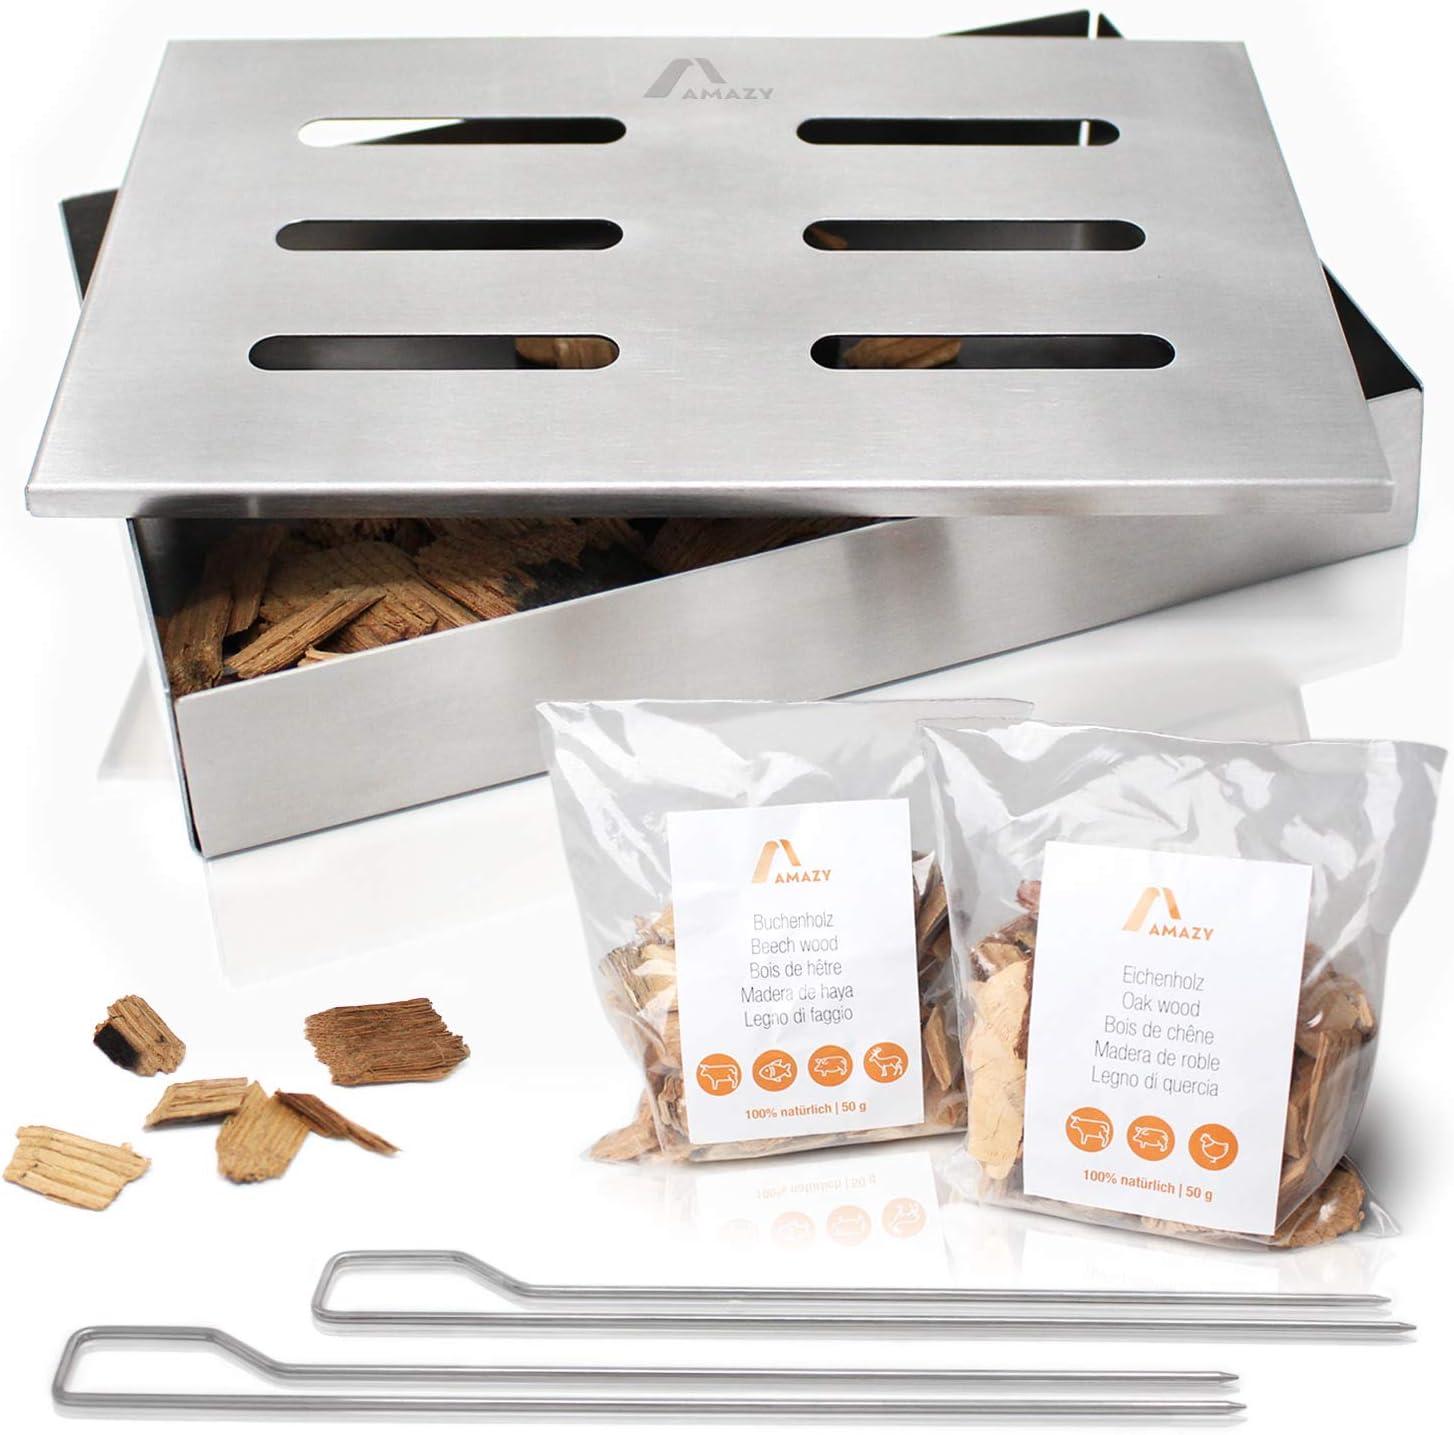 Amazy Caja ahumadora + 2 brochetas + 2 tipos de virutas de madera (haya y roble) – Caja de ahumado para carne o pescado apta para lavavajillas